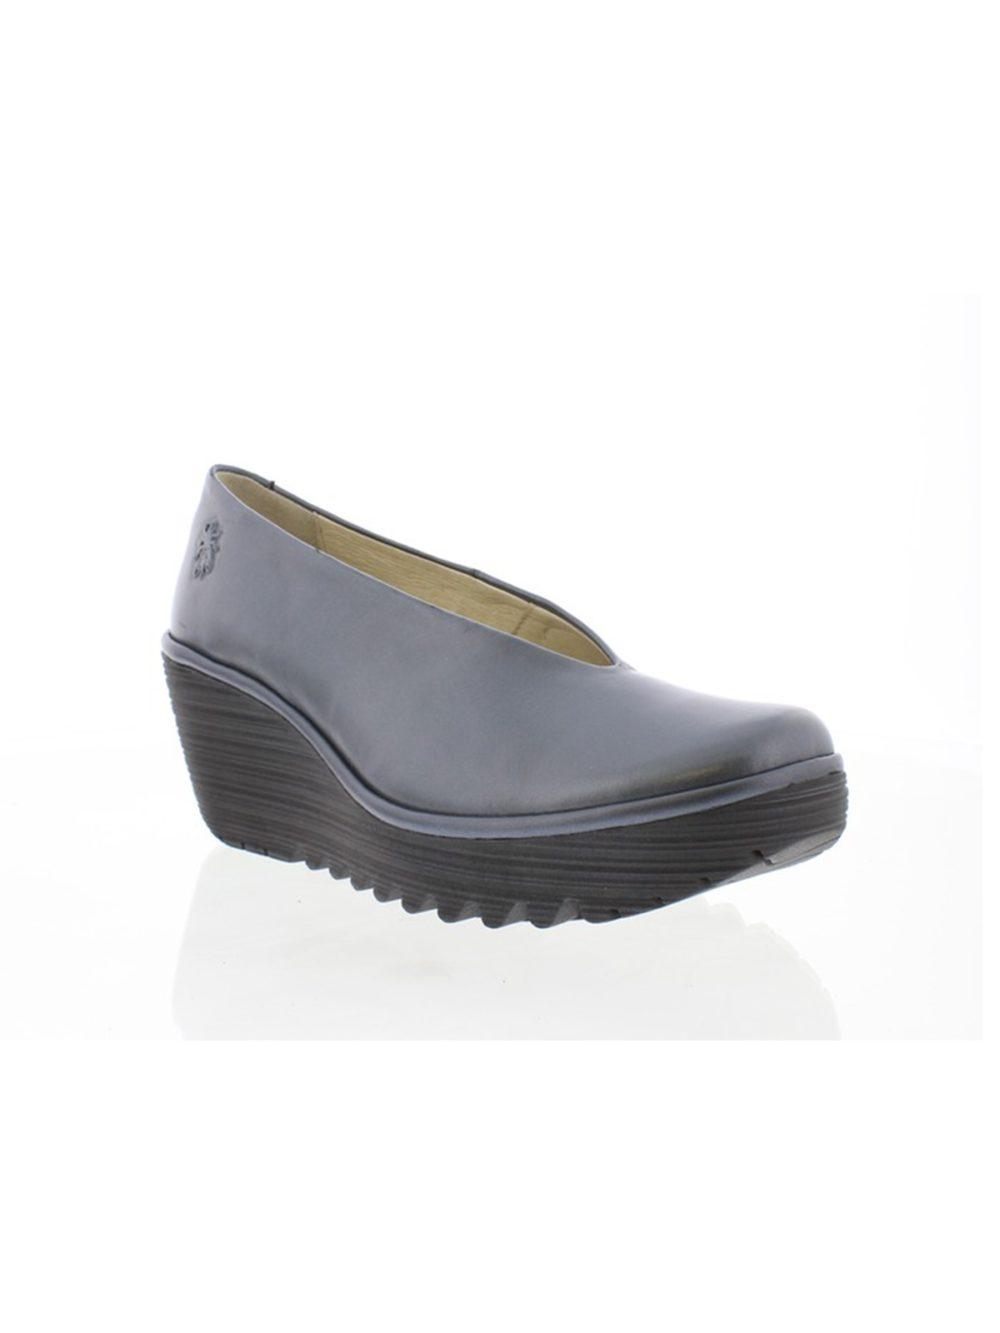 Yaz Shoe